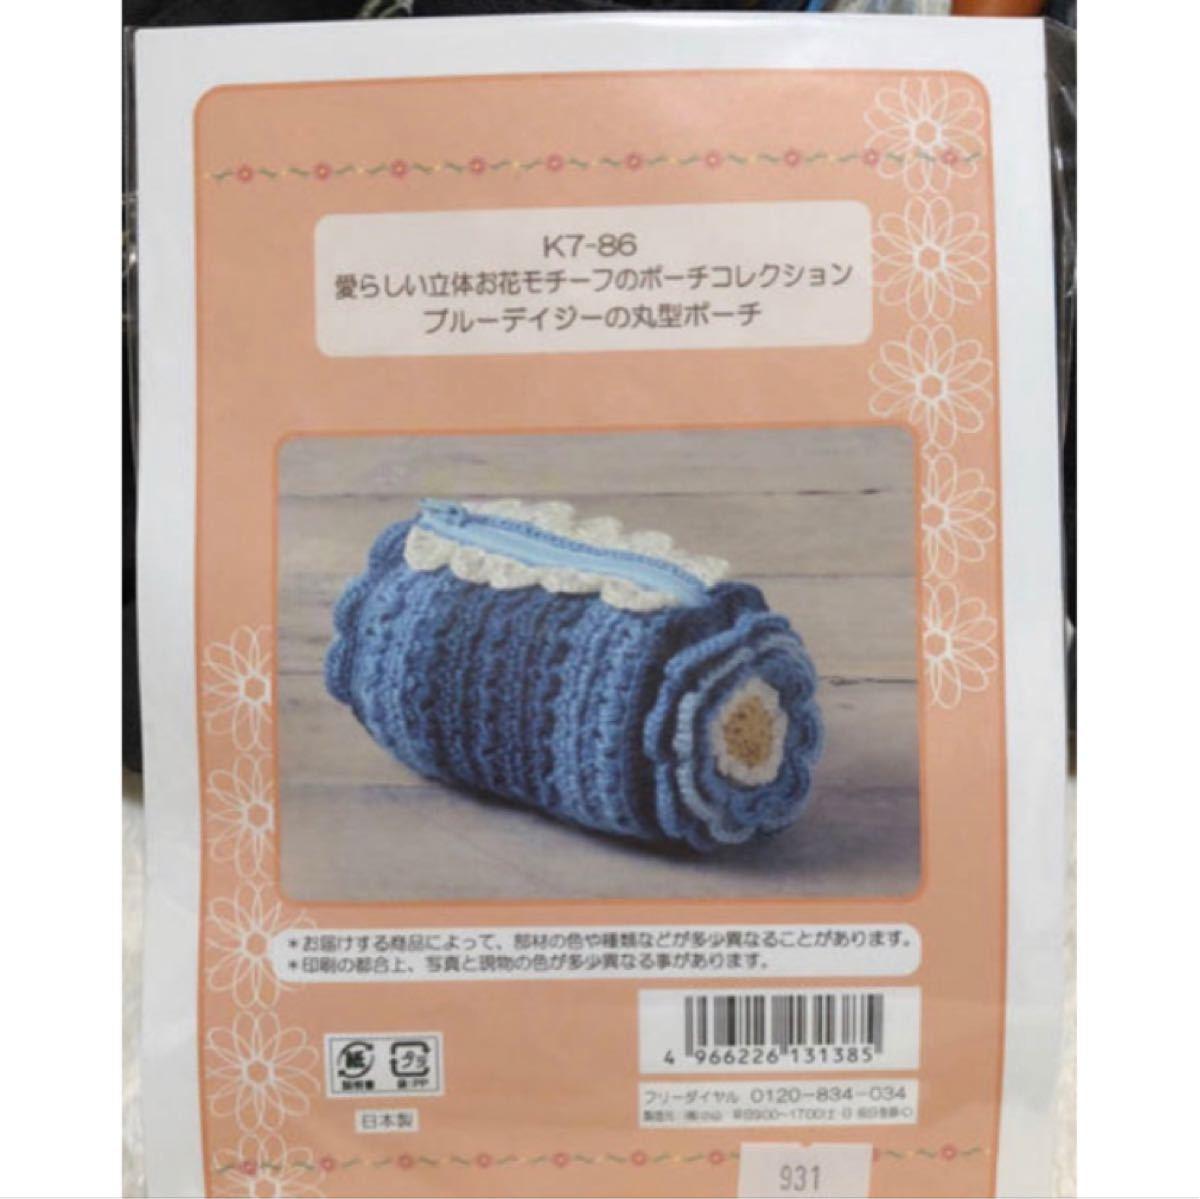 かぎ針編み キット ブルーデイジーの丸型ポーチ